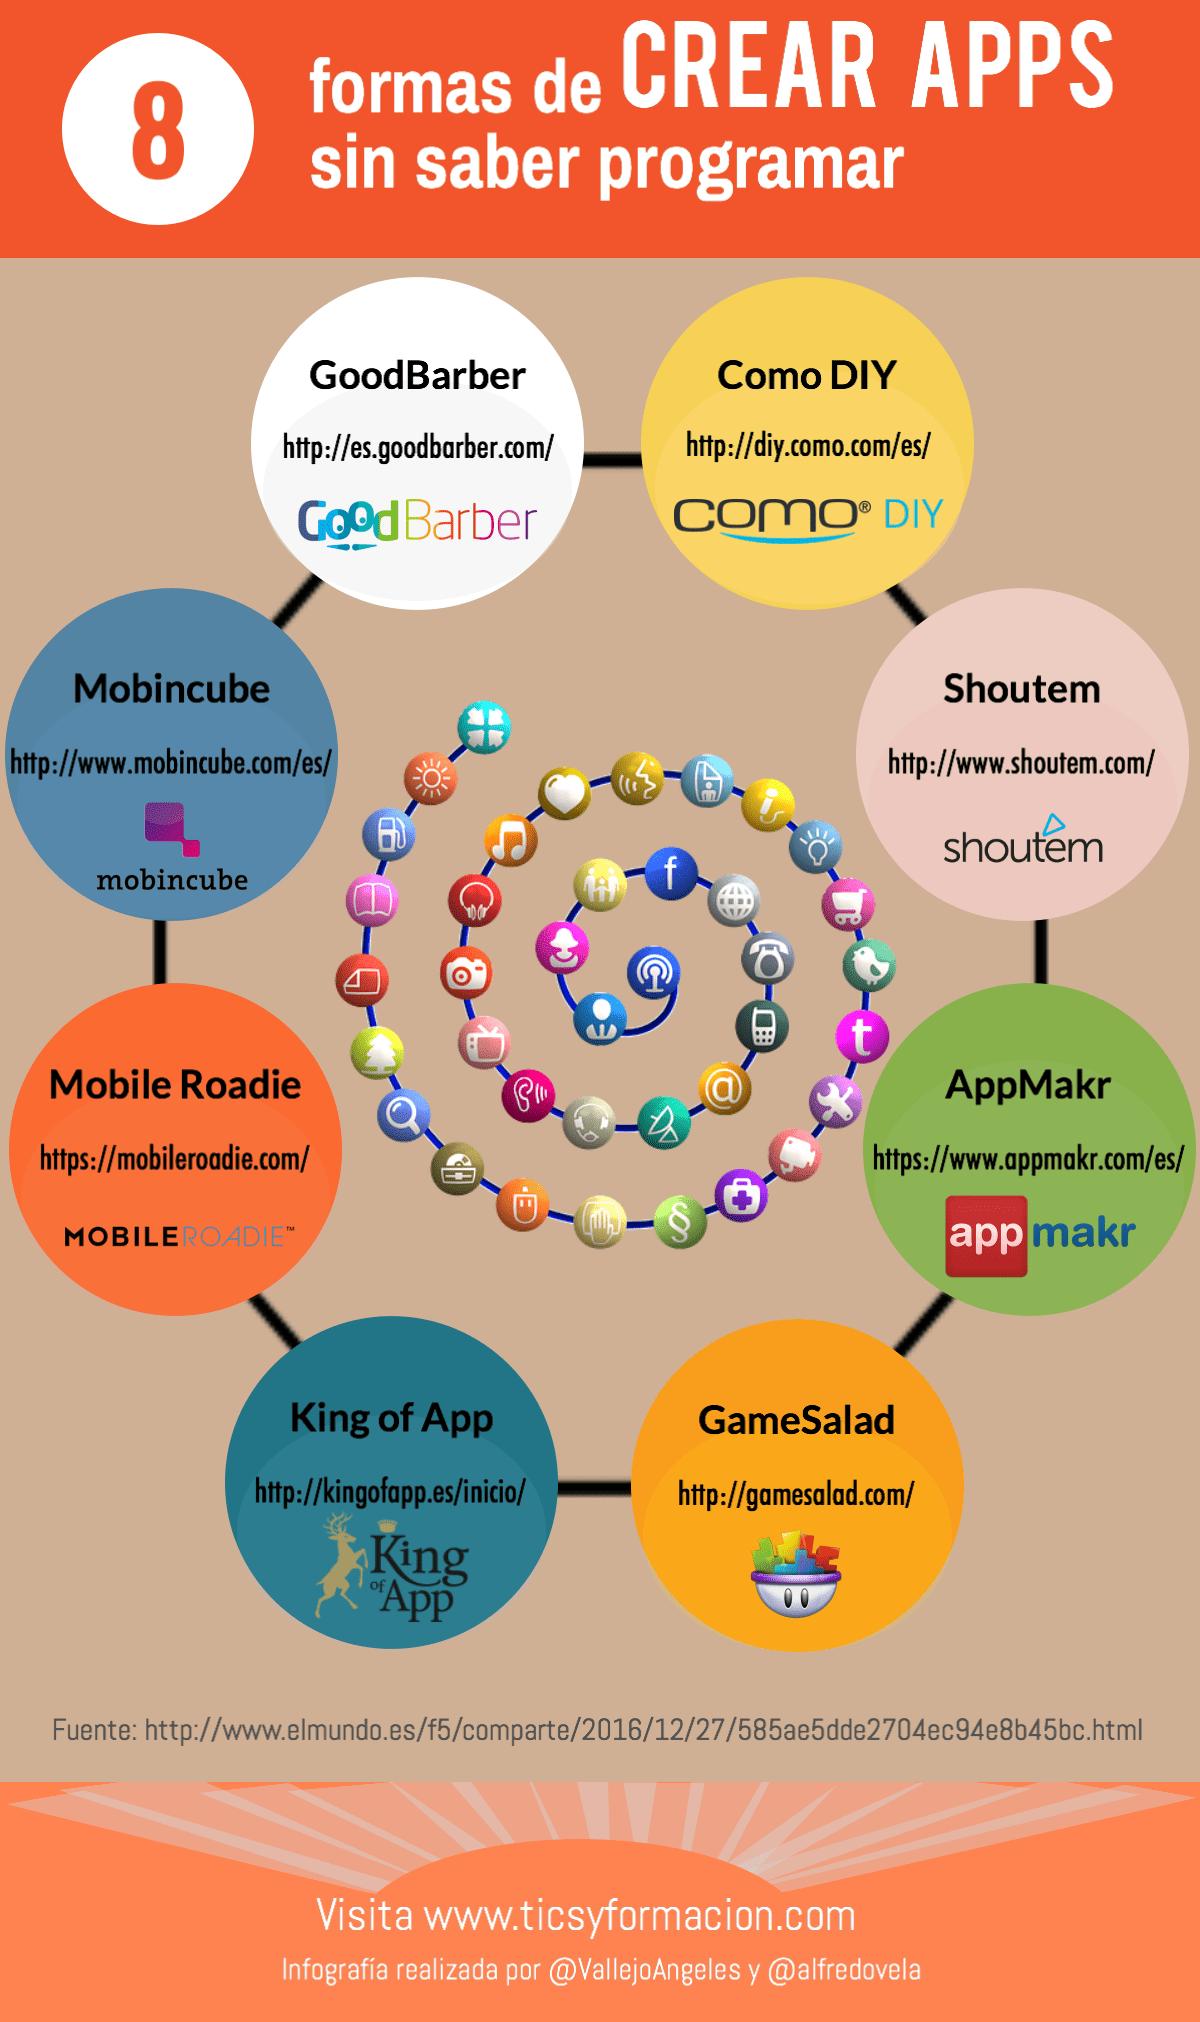 8 formas de crear APPs sin saber programar